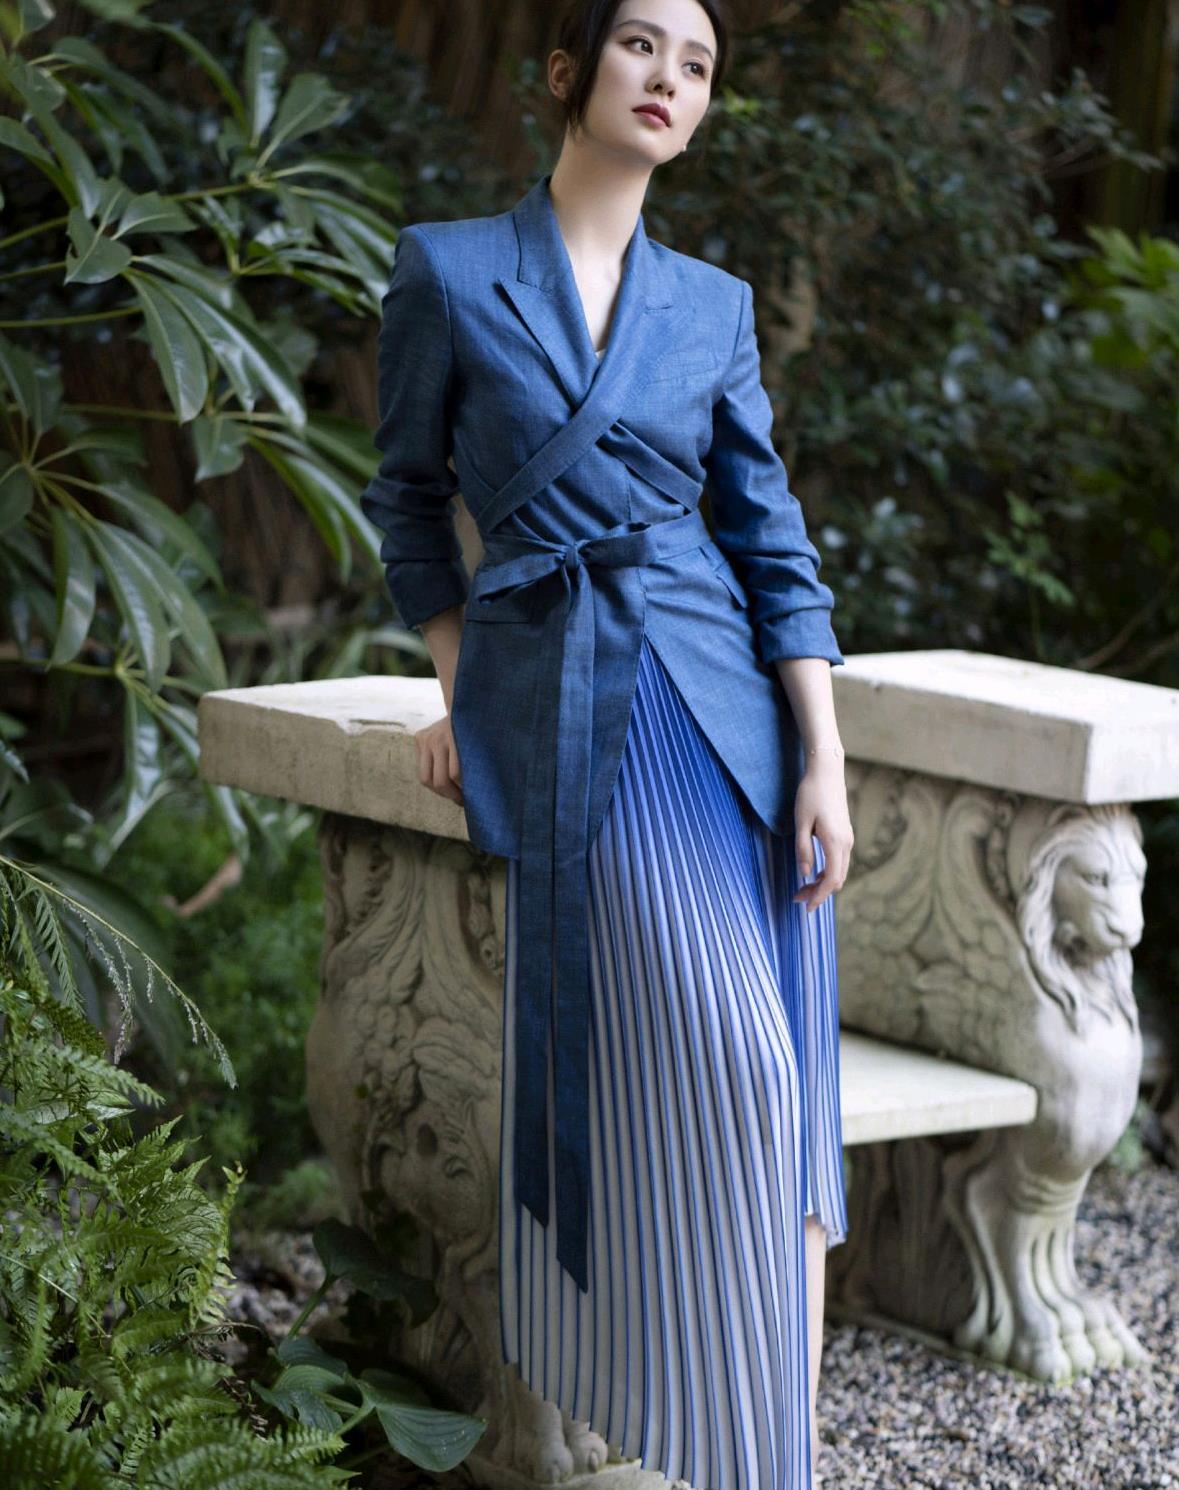 刘诗诗也太会穿了,蓝色西装搭配渐变色百褶裙好高级,美成焦点